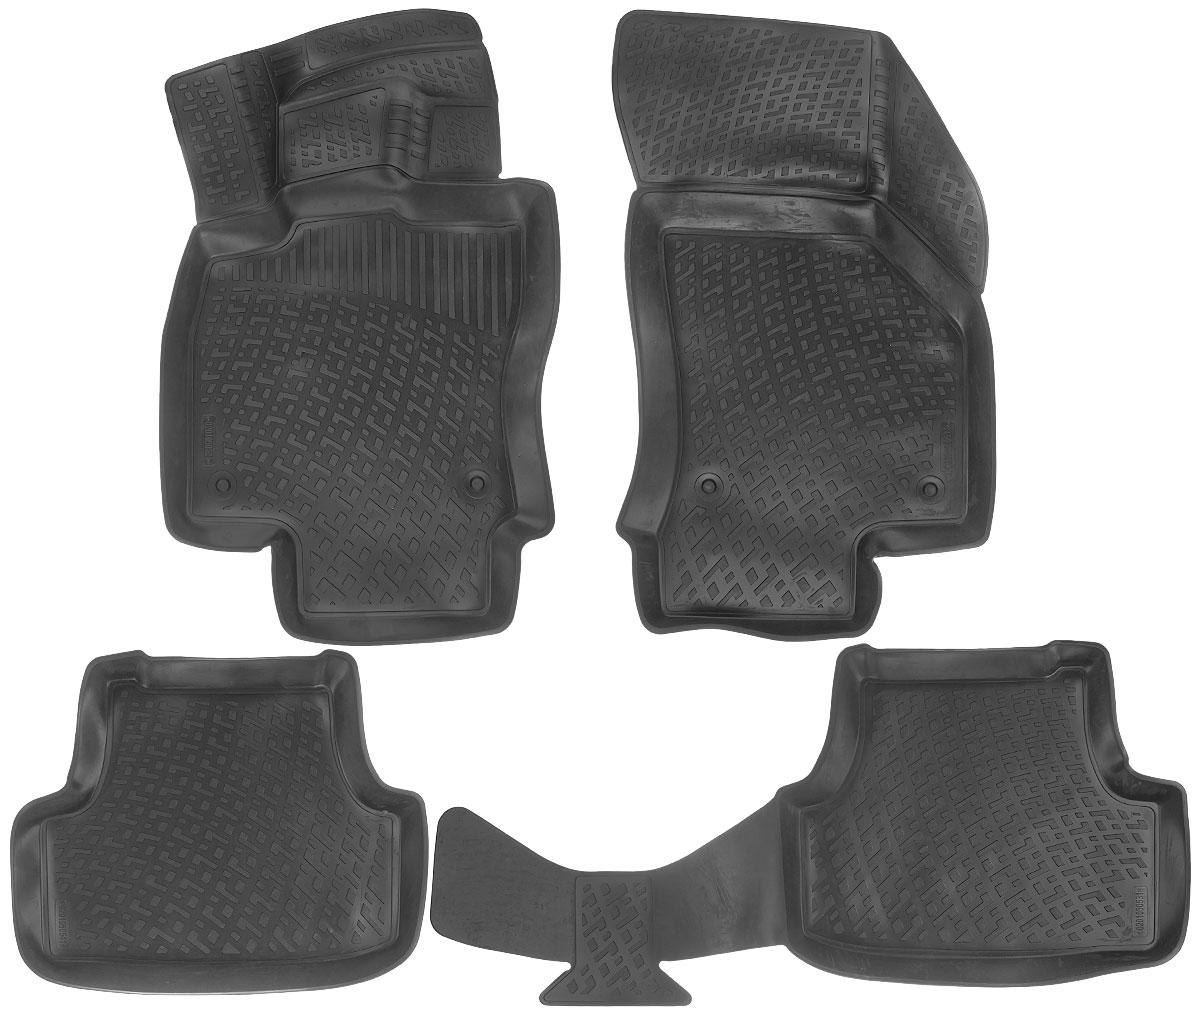 Набор автомобильных ковриков L.Locker Volkswagen Golf (7) 2012, в салон, 4 шт0210040101Набор L.Locker Volkswagen Golf (7) 2012, изготовленный из полиуретана, состоит из 4ковриков,которые производятся индивидуально для каждой моделиавтомобиля. Изделие точно повторяет геометрию пола автомобиля, имеет высокийборт, обладает повышенной износоустойчивостью, лишено резкого запаха и сохраняет своипотребительские свойства в широком диапазоне температур от -50°С до +80°С.Комплектация: 4 шт.Размер ковриков: 87 см х 53 см; 57 см х 46 см; 104 см х 47 см; 84 см х 50 см.